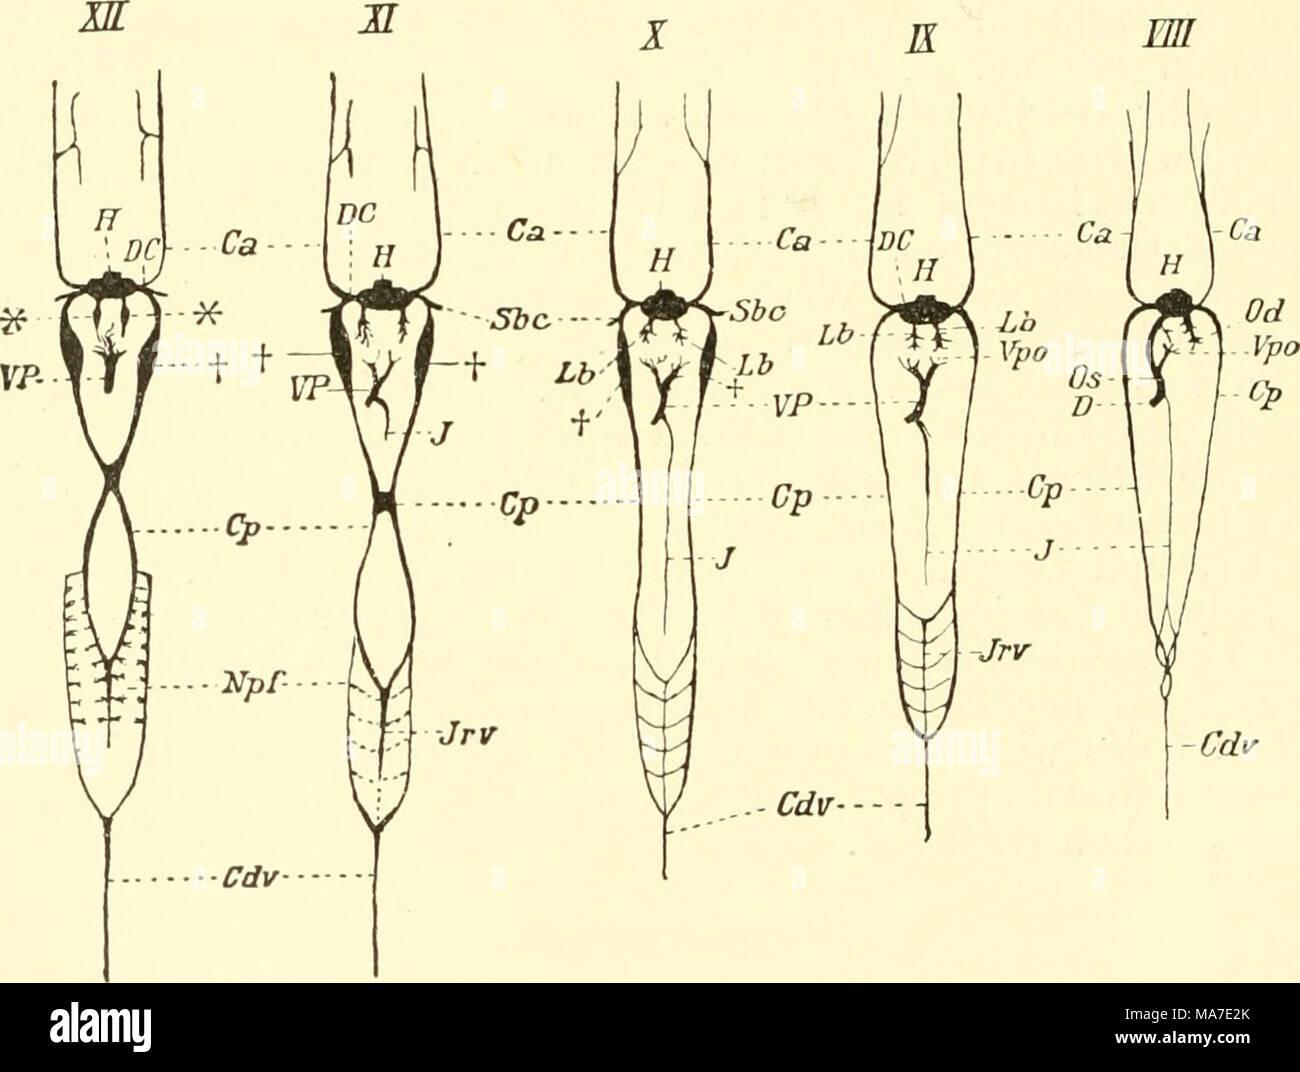 Gemütlich Schafe Anatomie Diagramm Fotos - Anatomie Ideen - finotti.info